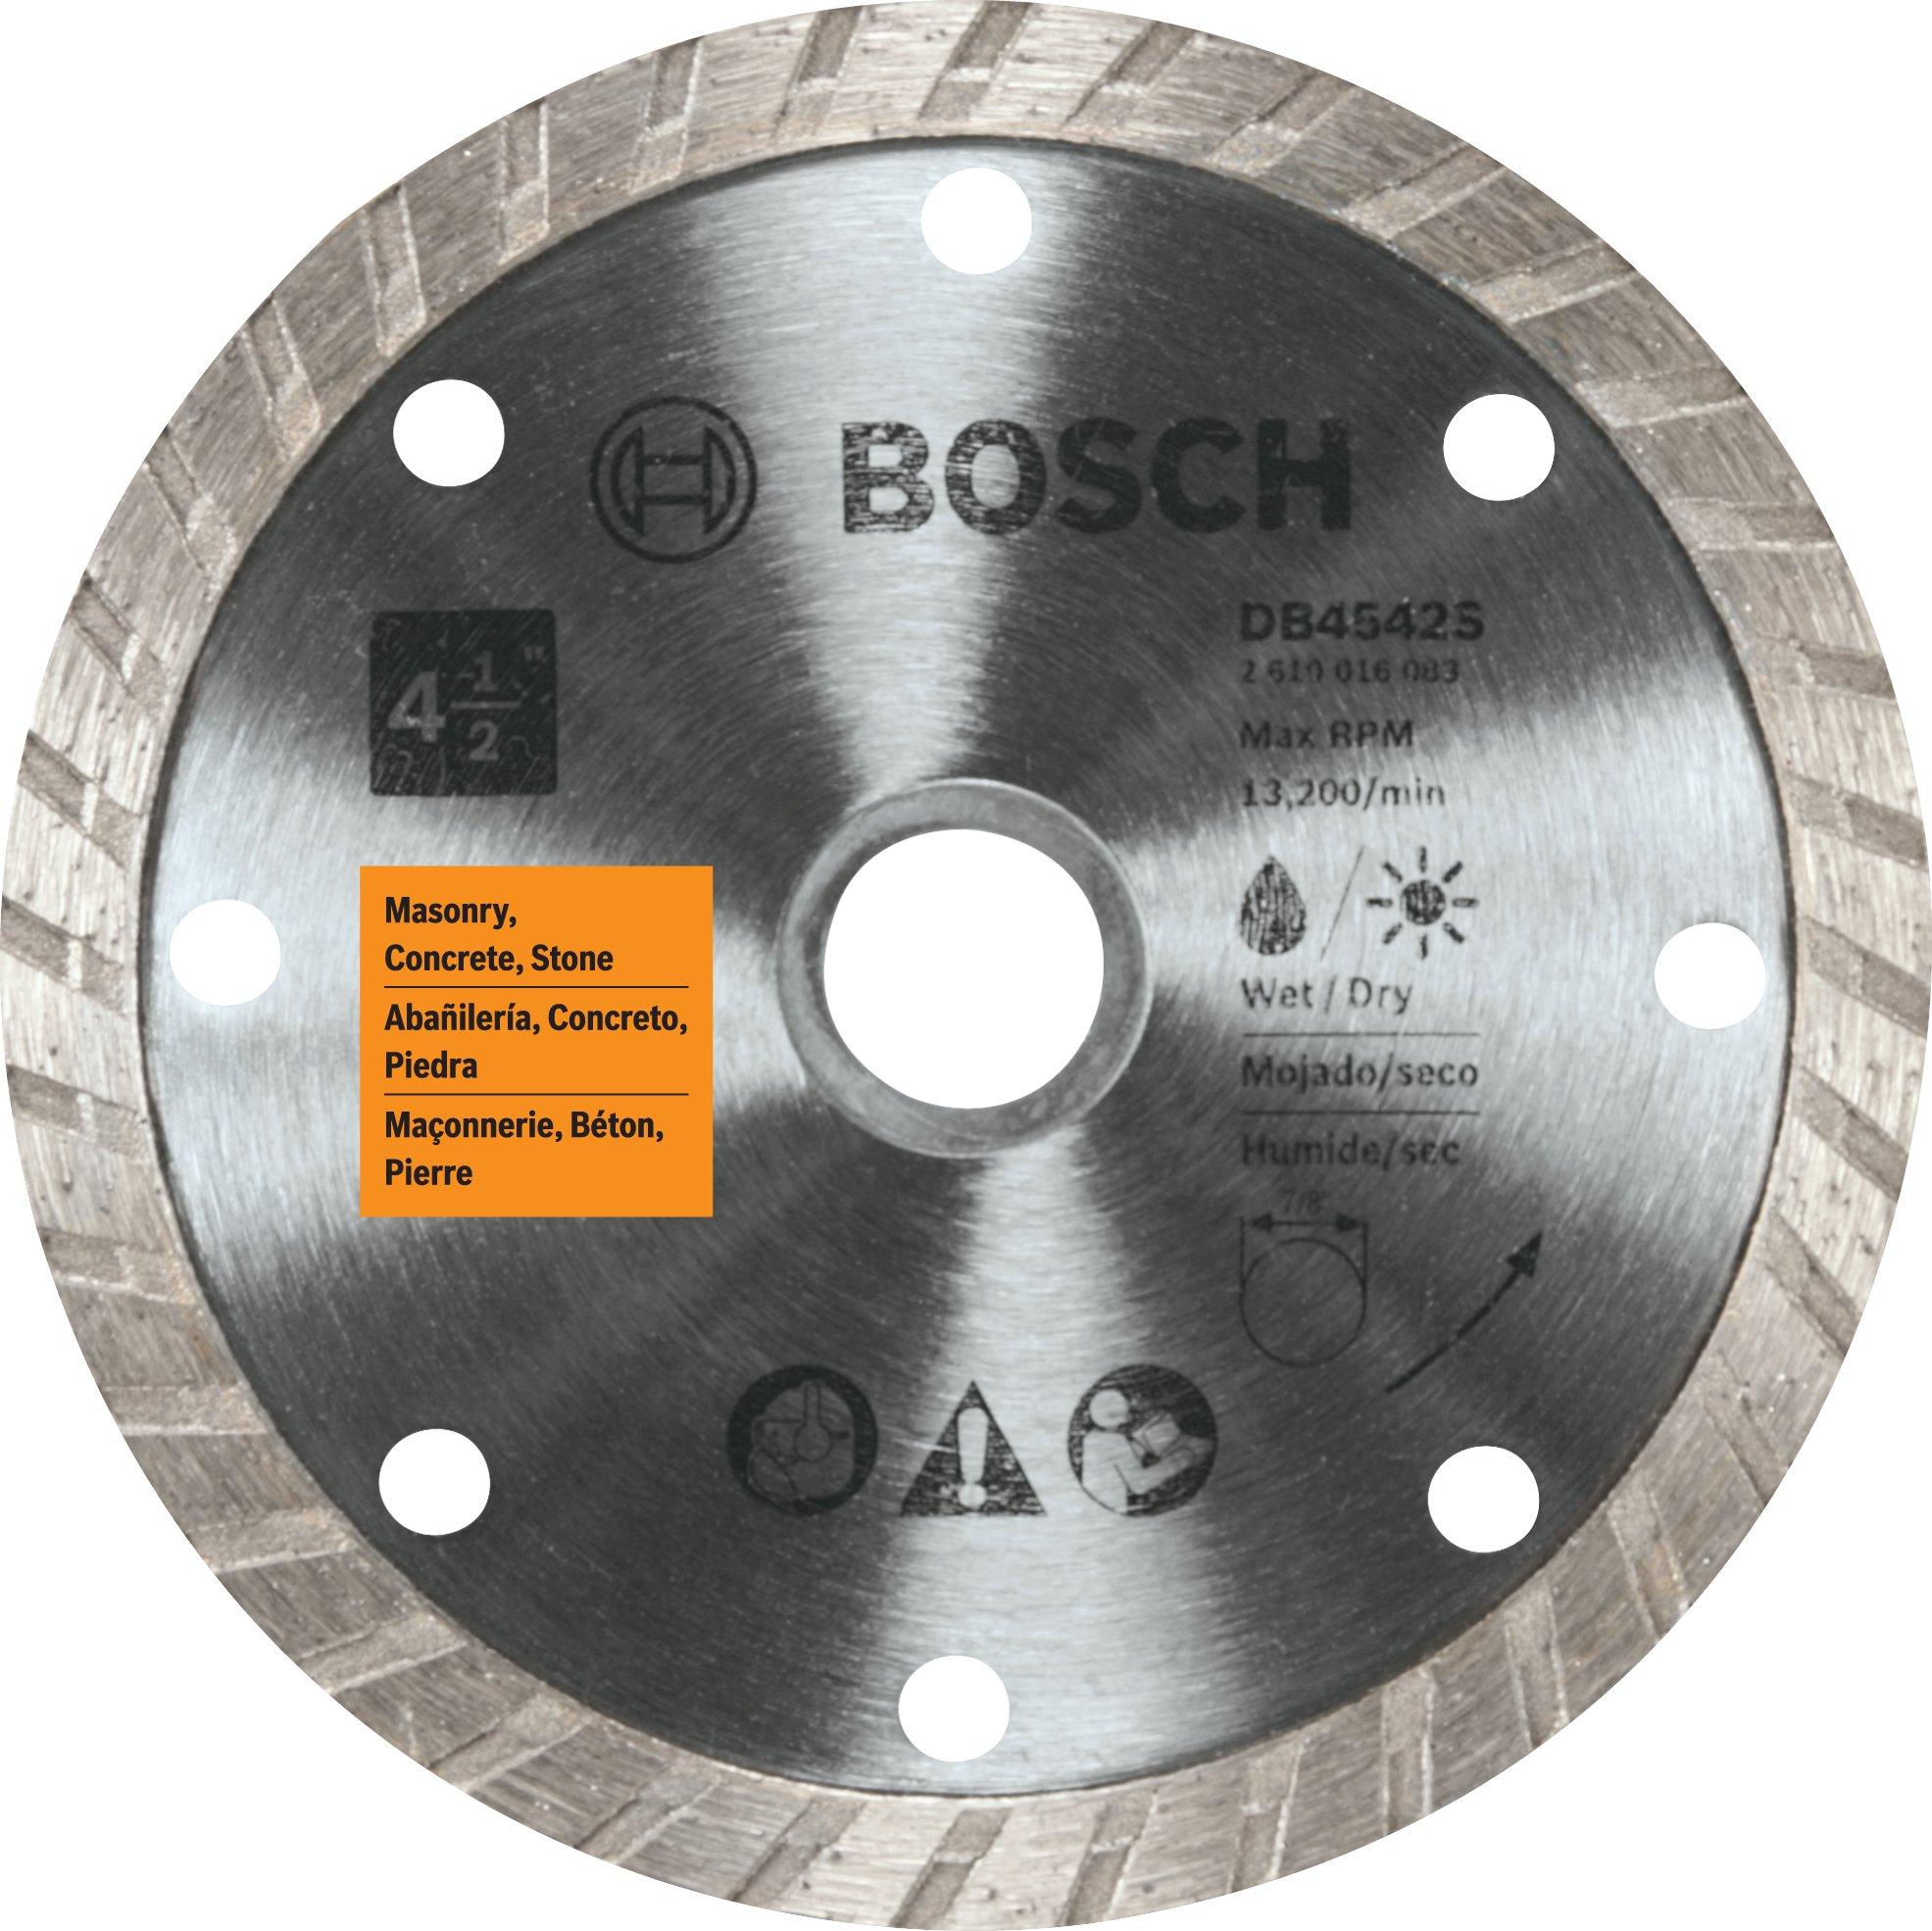 Disco de Diamante BOSCH DB4542S con borde turbo de 4-1/2 pulg.